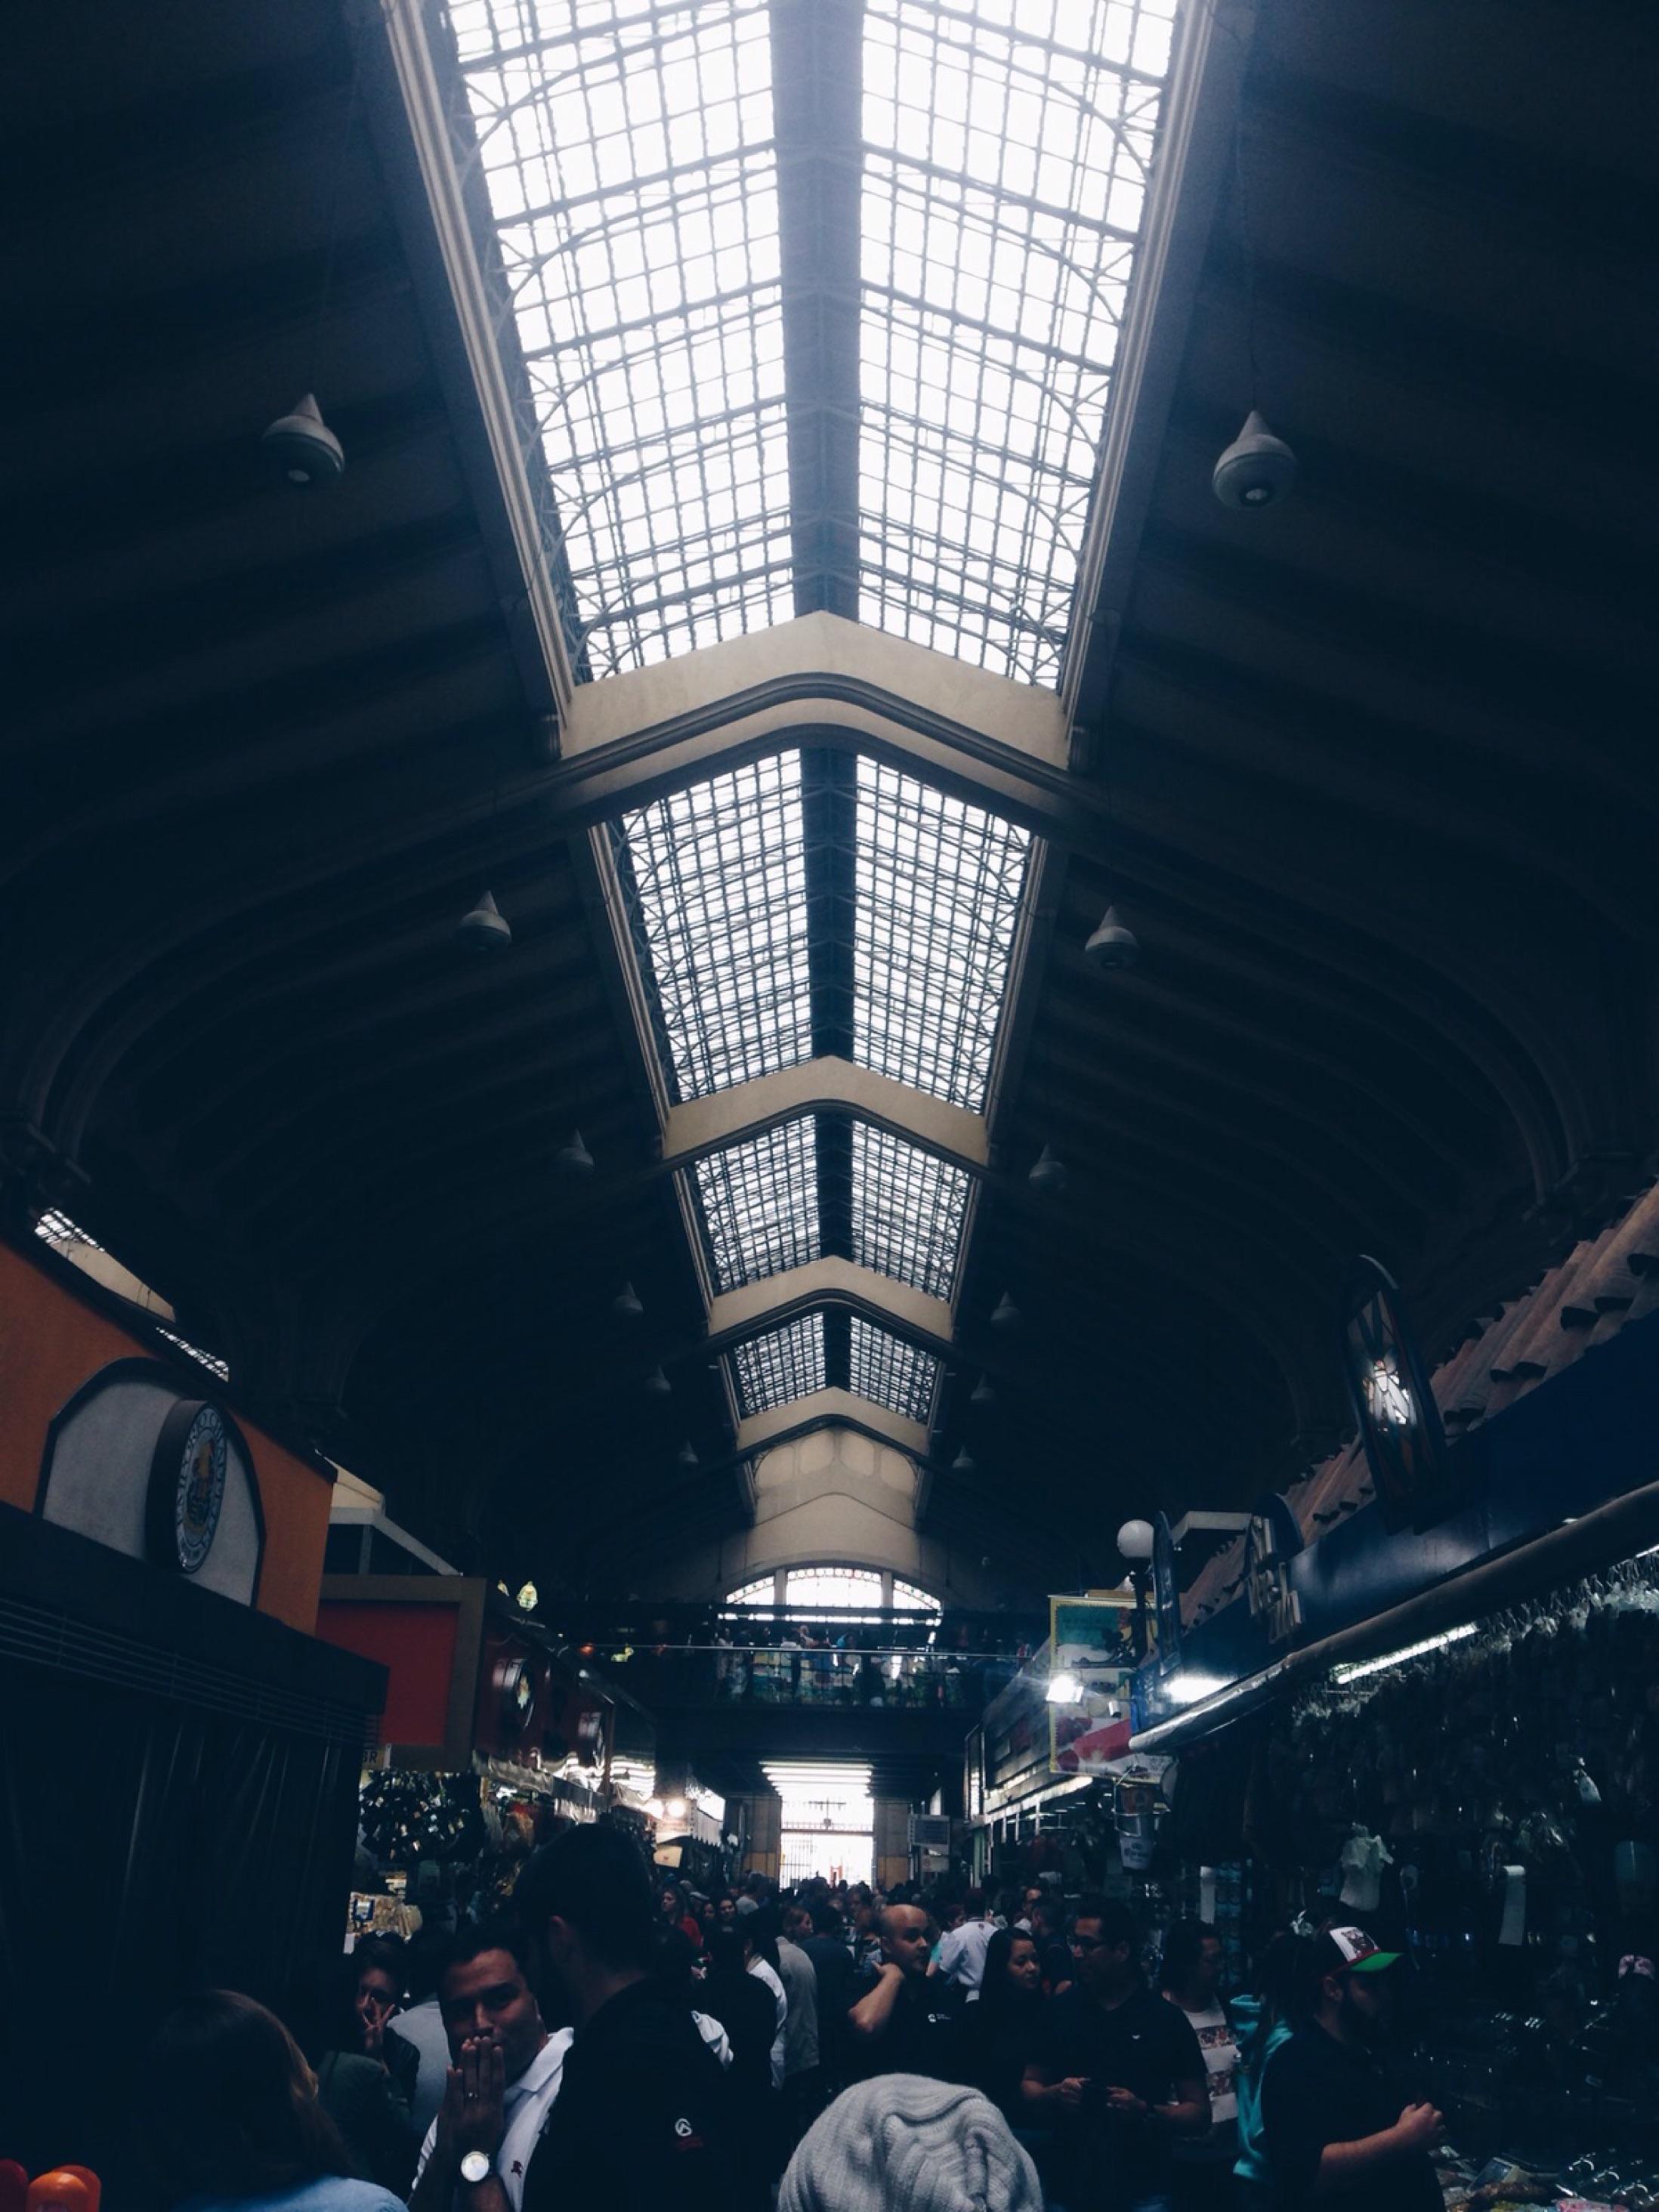 Kostenlose foto : Licht, Struktur, Menge, Beleuchtung, Stadion ...